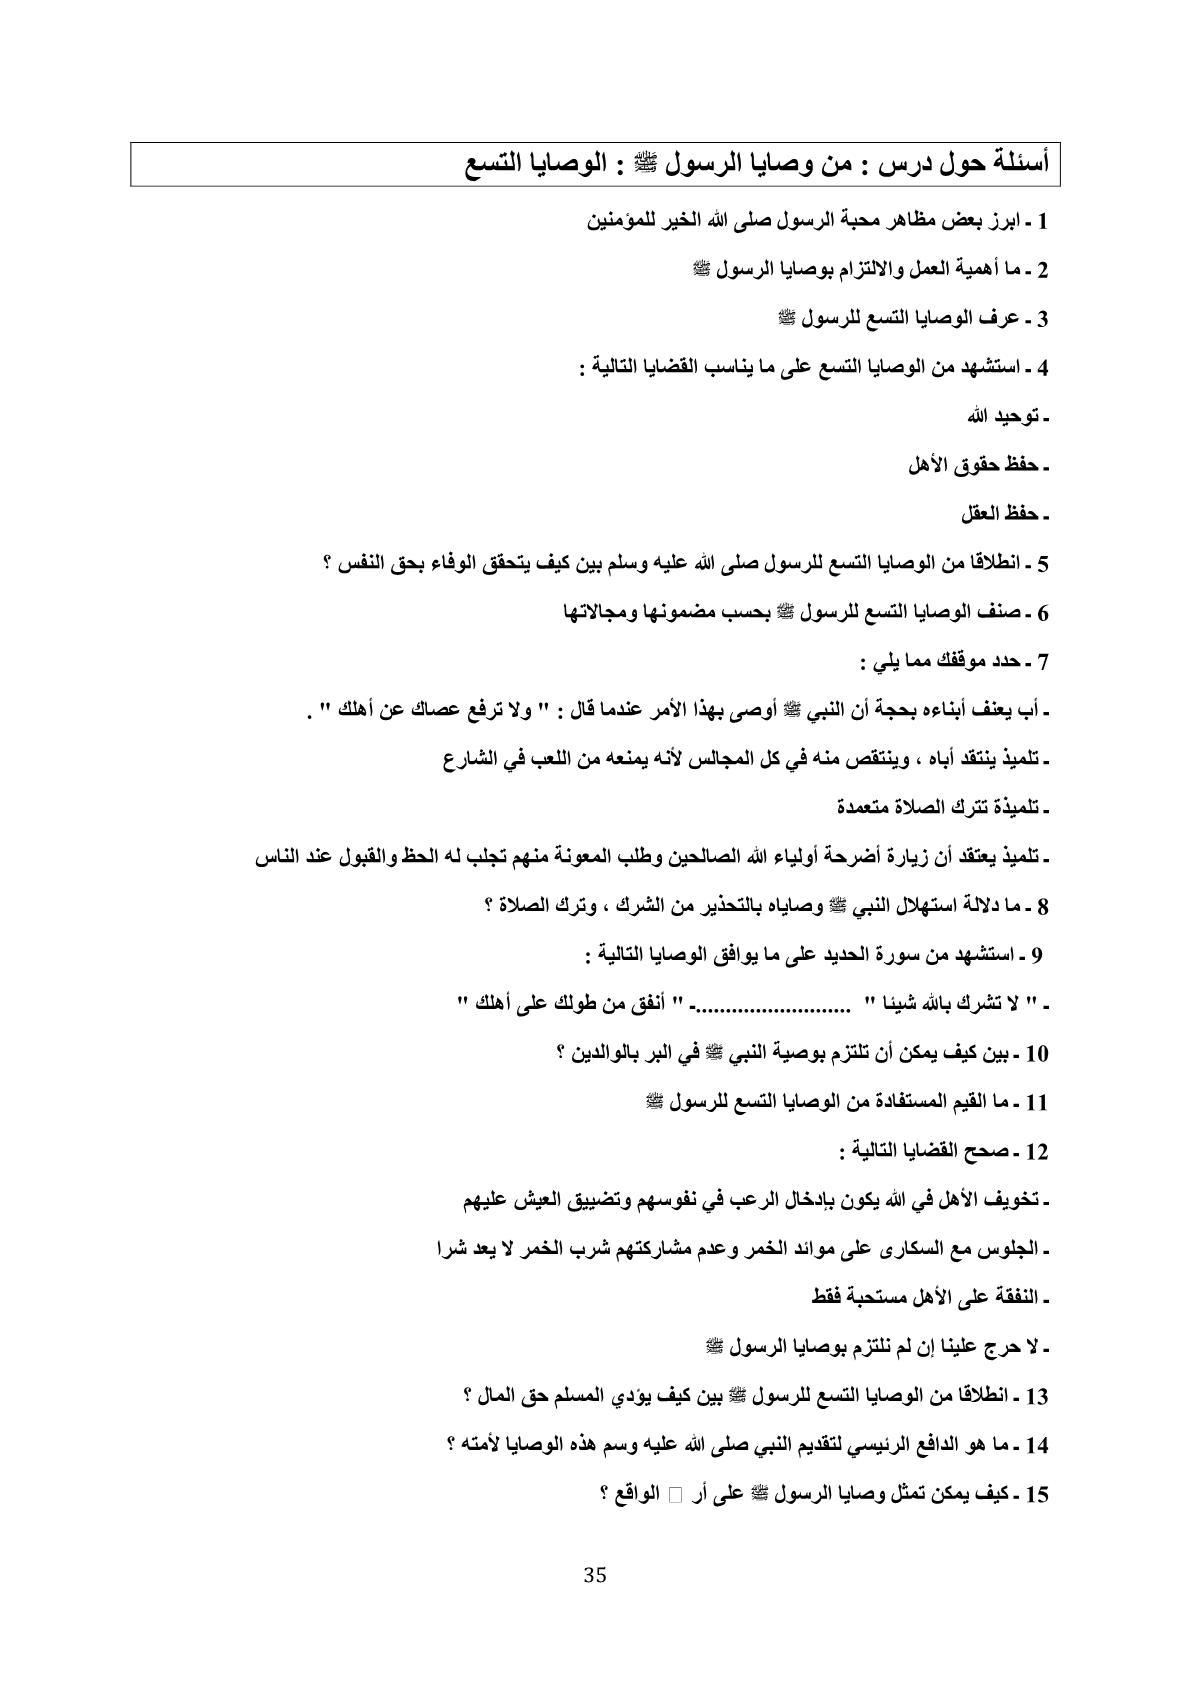 تمارين وأسئلة درس من وصايا الرسول ﷺ: الوصايا التسع الثالثة اعدادي